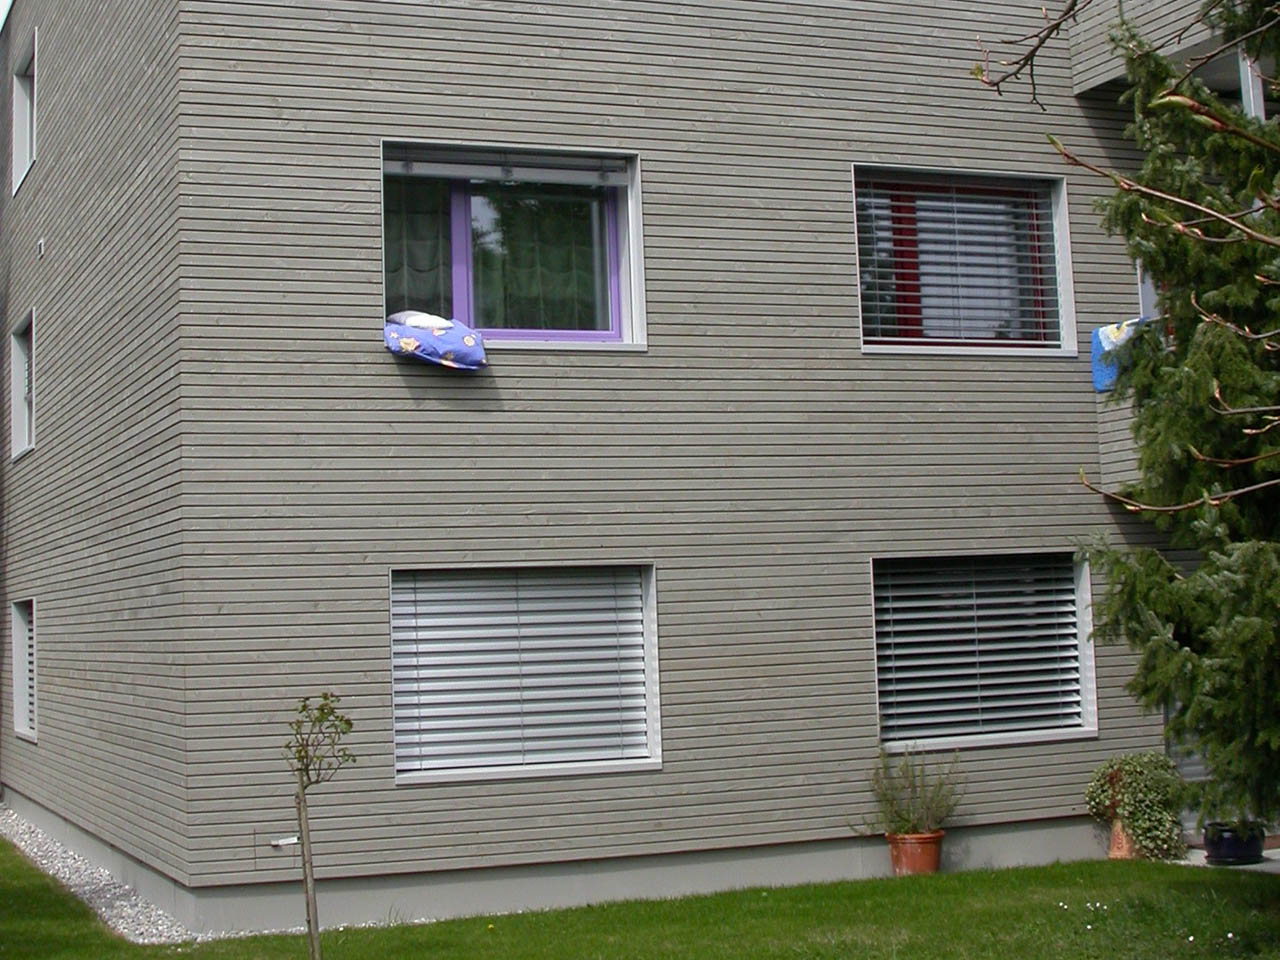 laubhus-architektur-mehrfamilienhaus-kleindoettingen-umbau